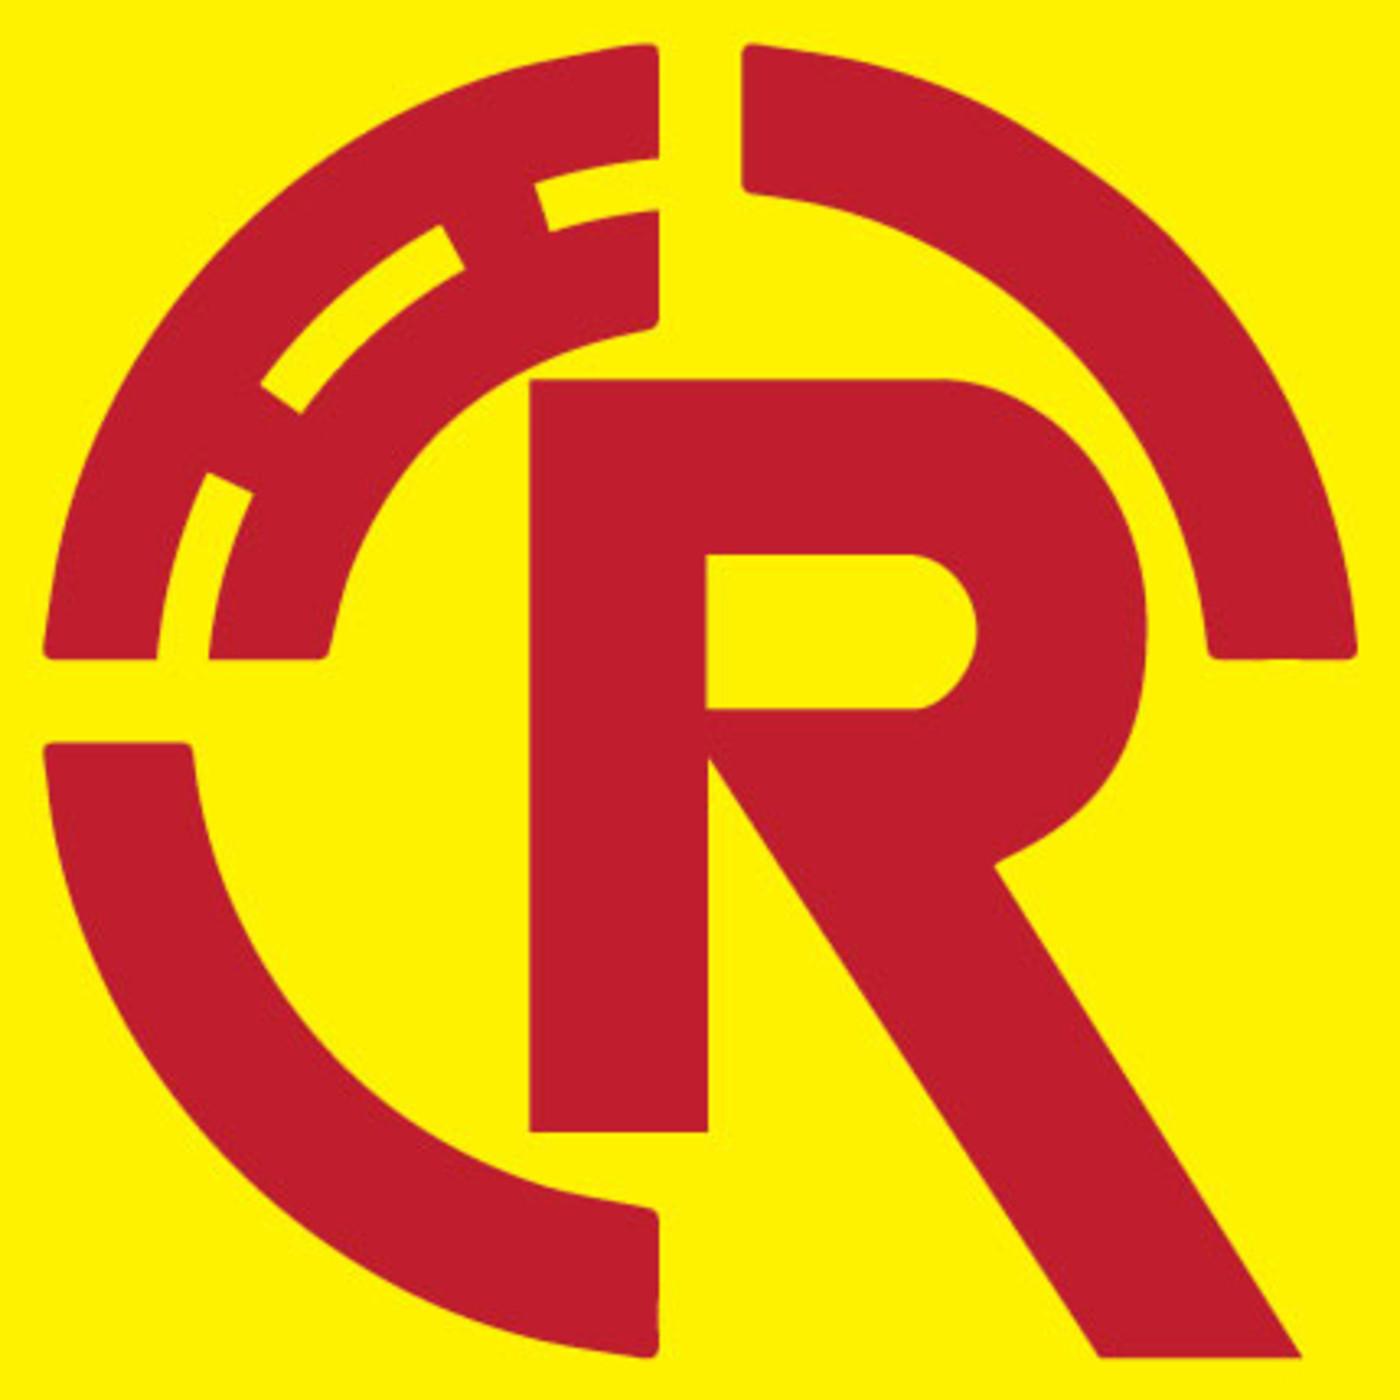 roadparc